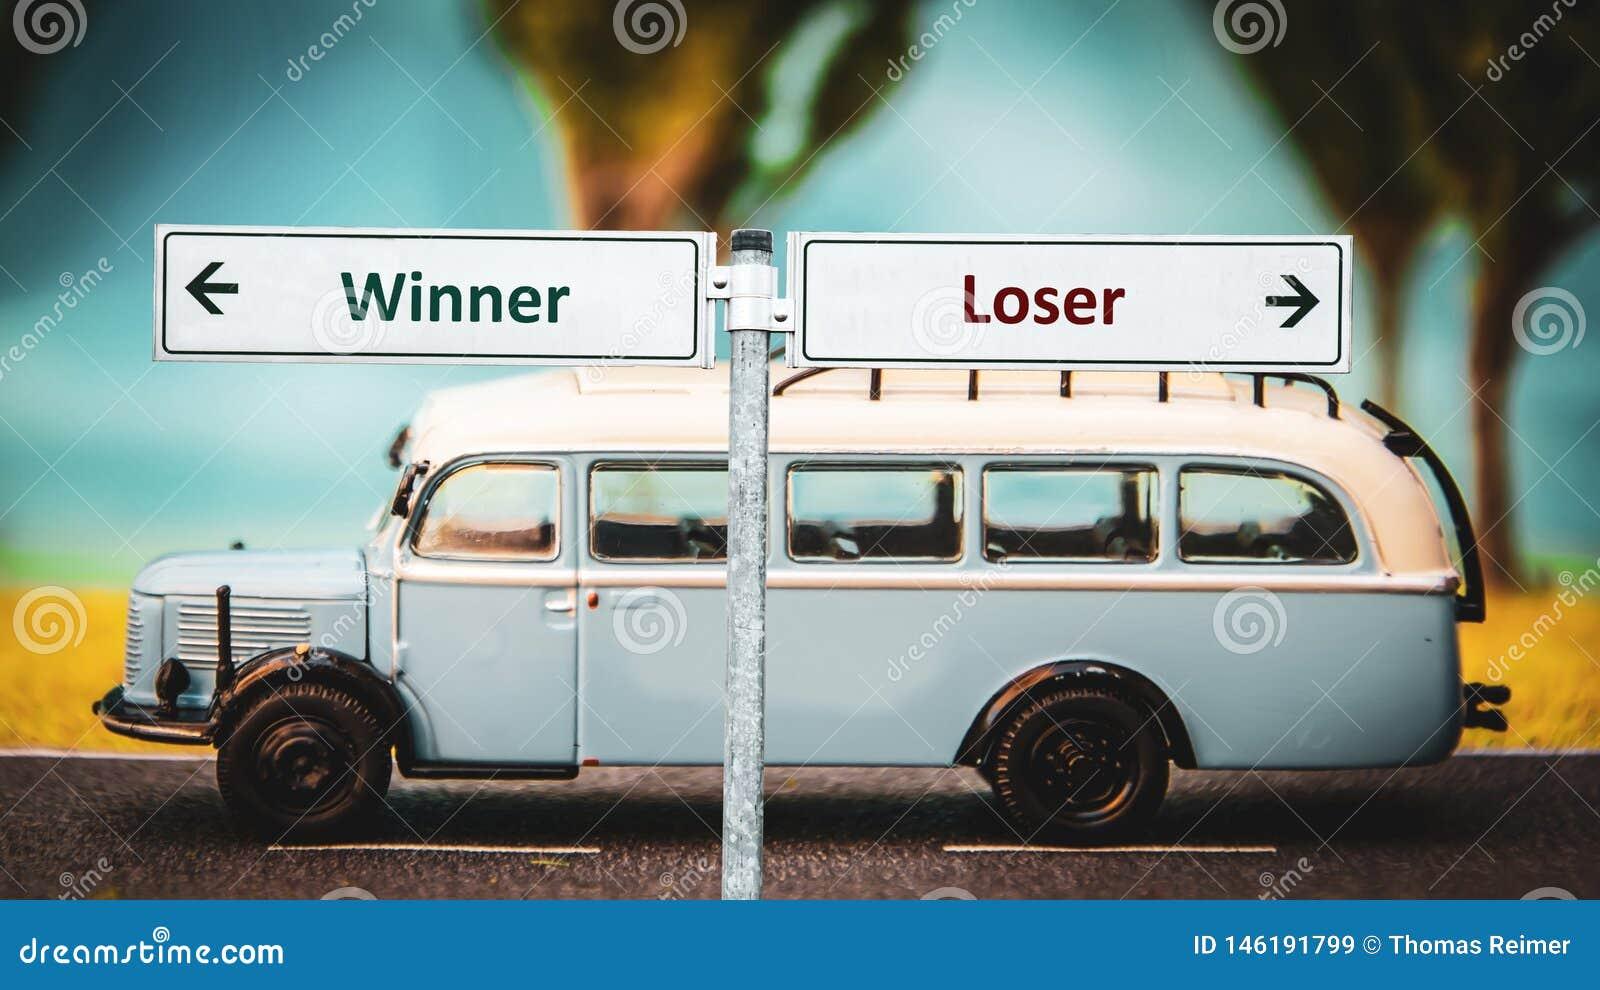 Placa de calle al ganador contra perdedor